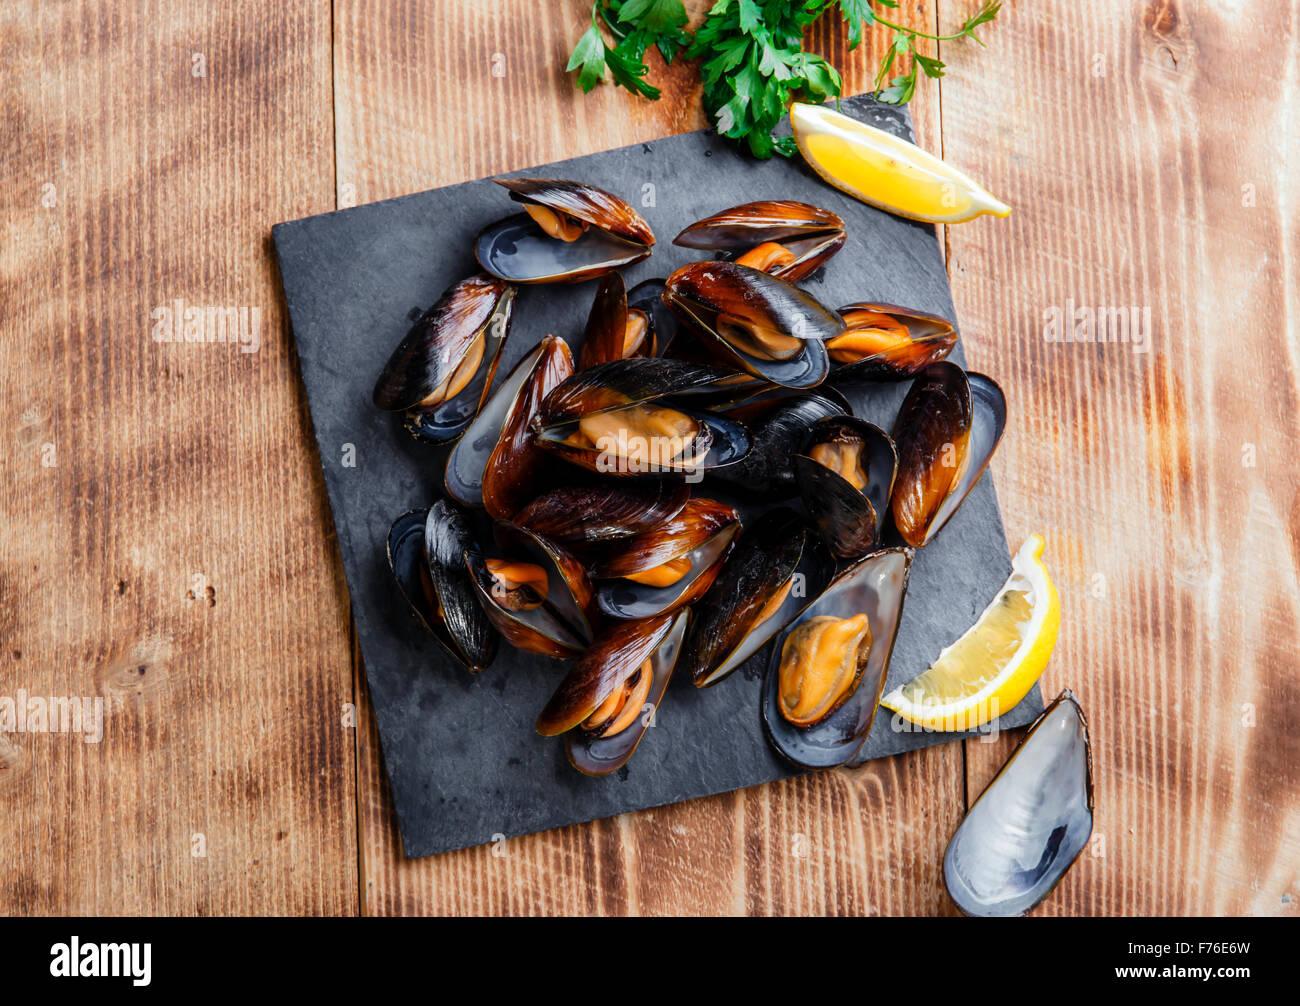 Cozze ostriche al vapore con limone e erbe aromatiche Immagini Stock